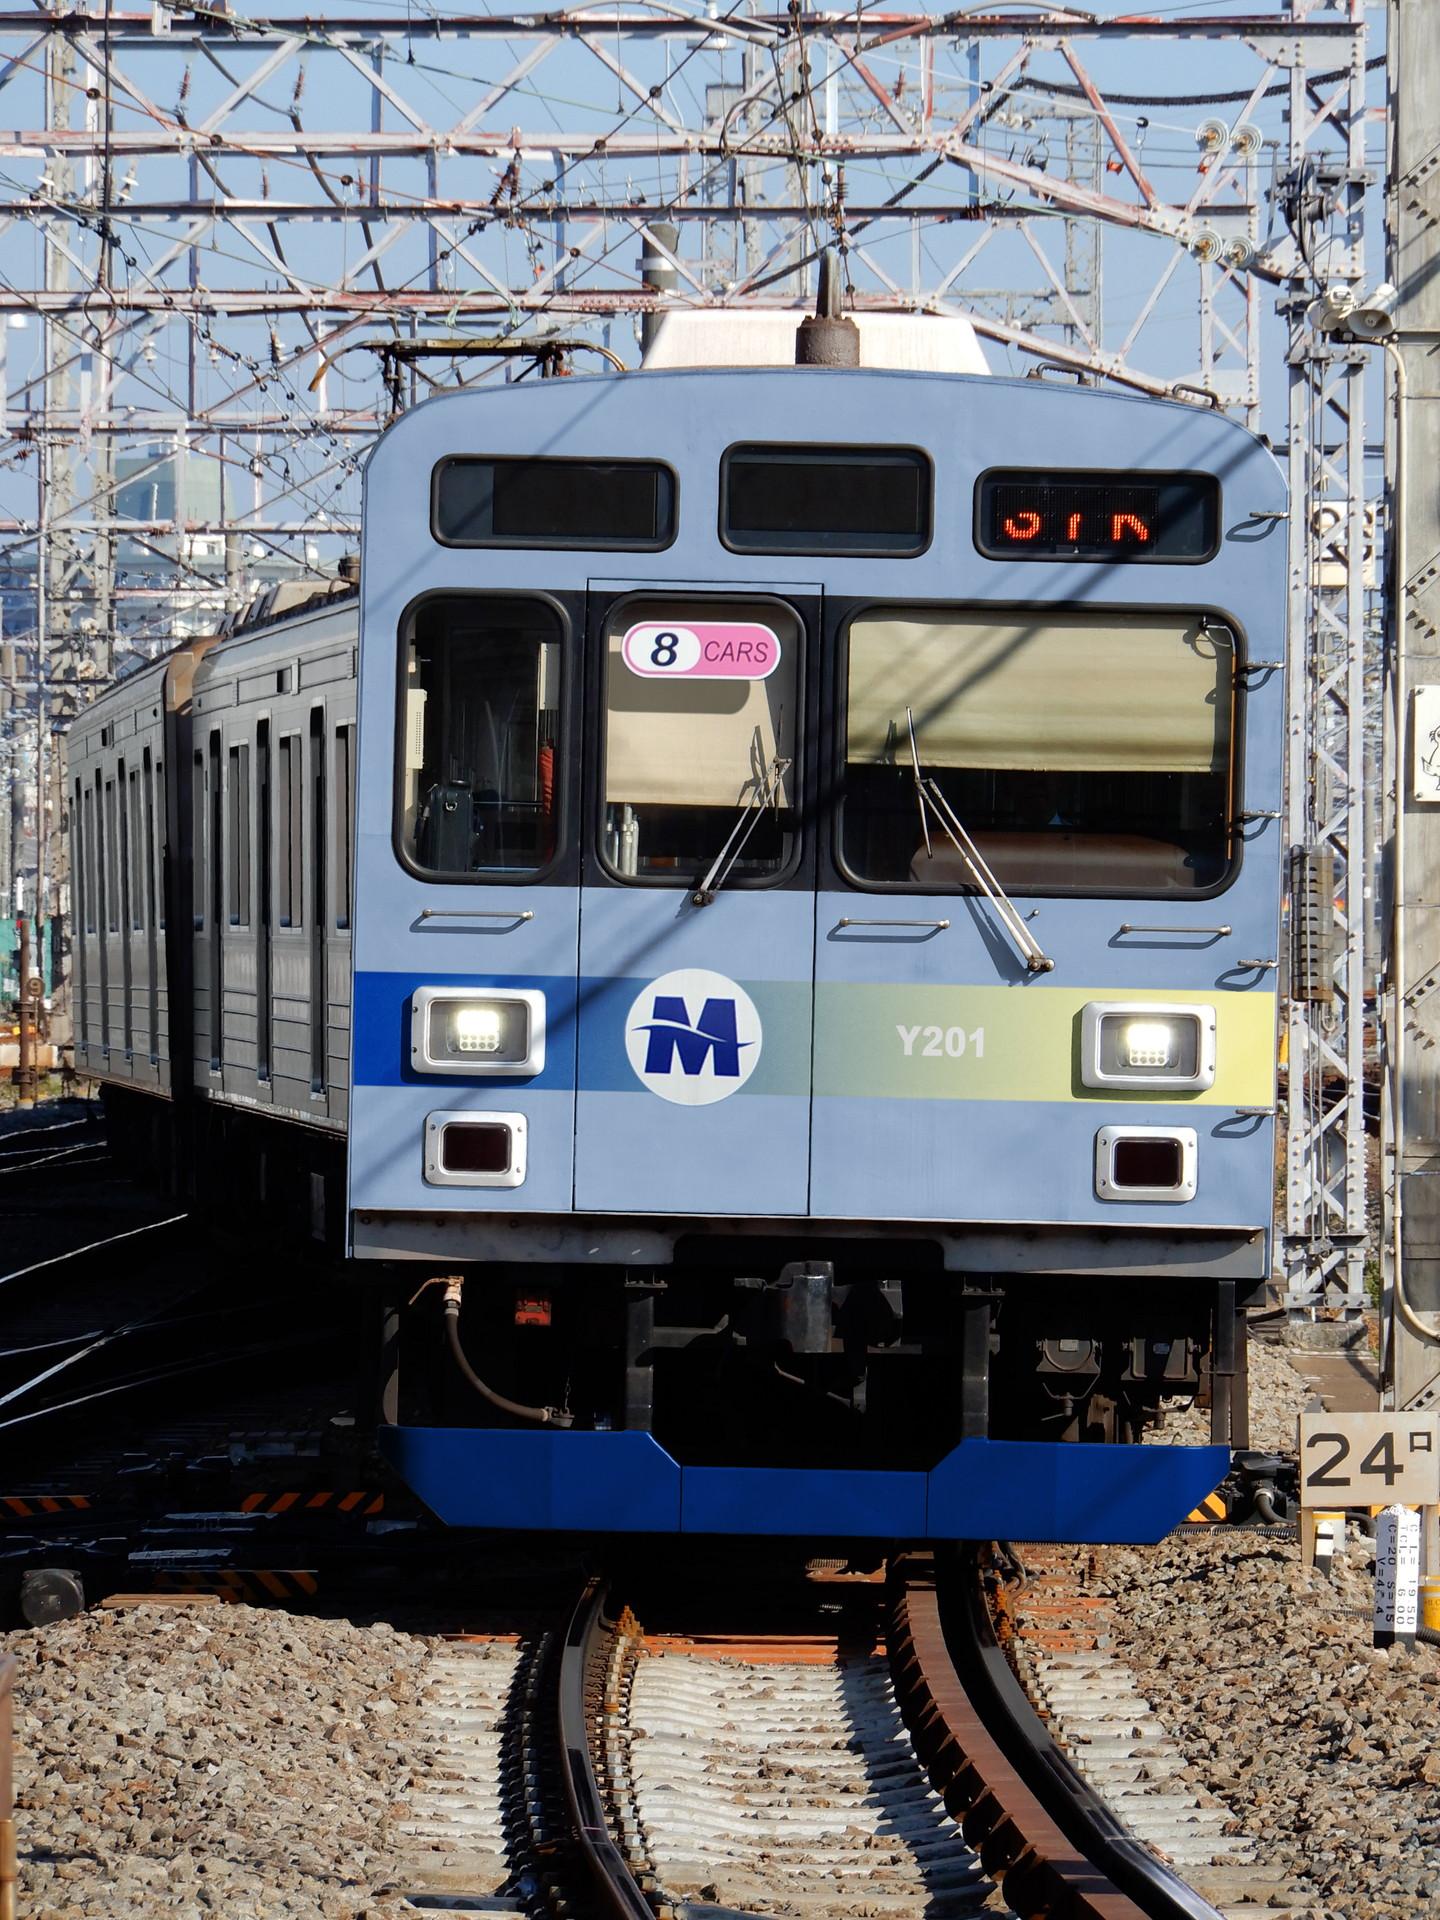 横浜高速鉄道Y200系のウソ電